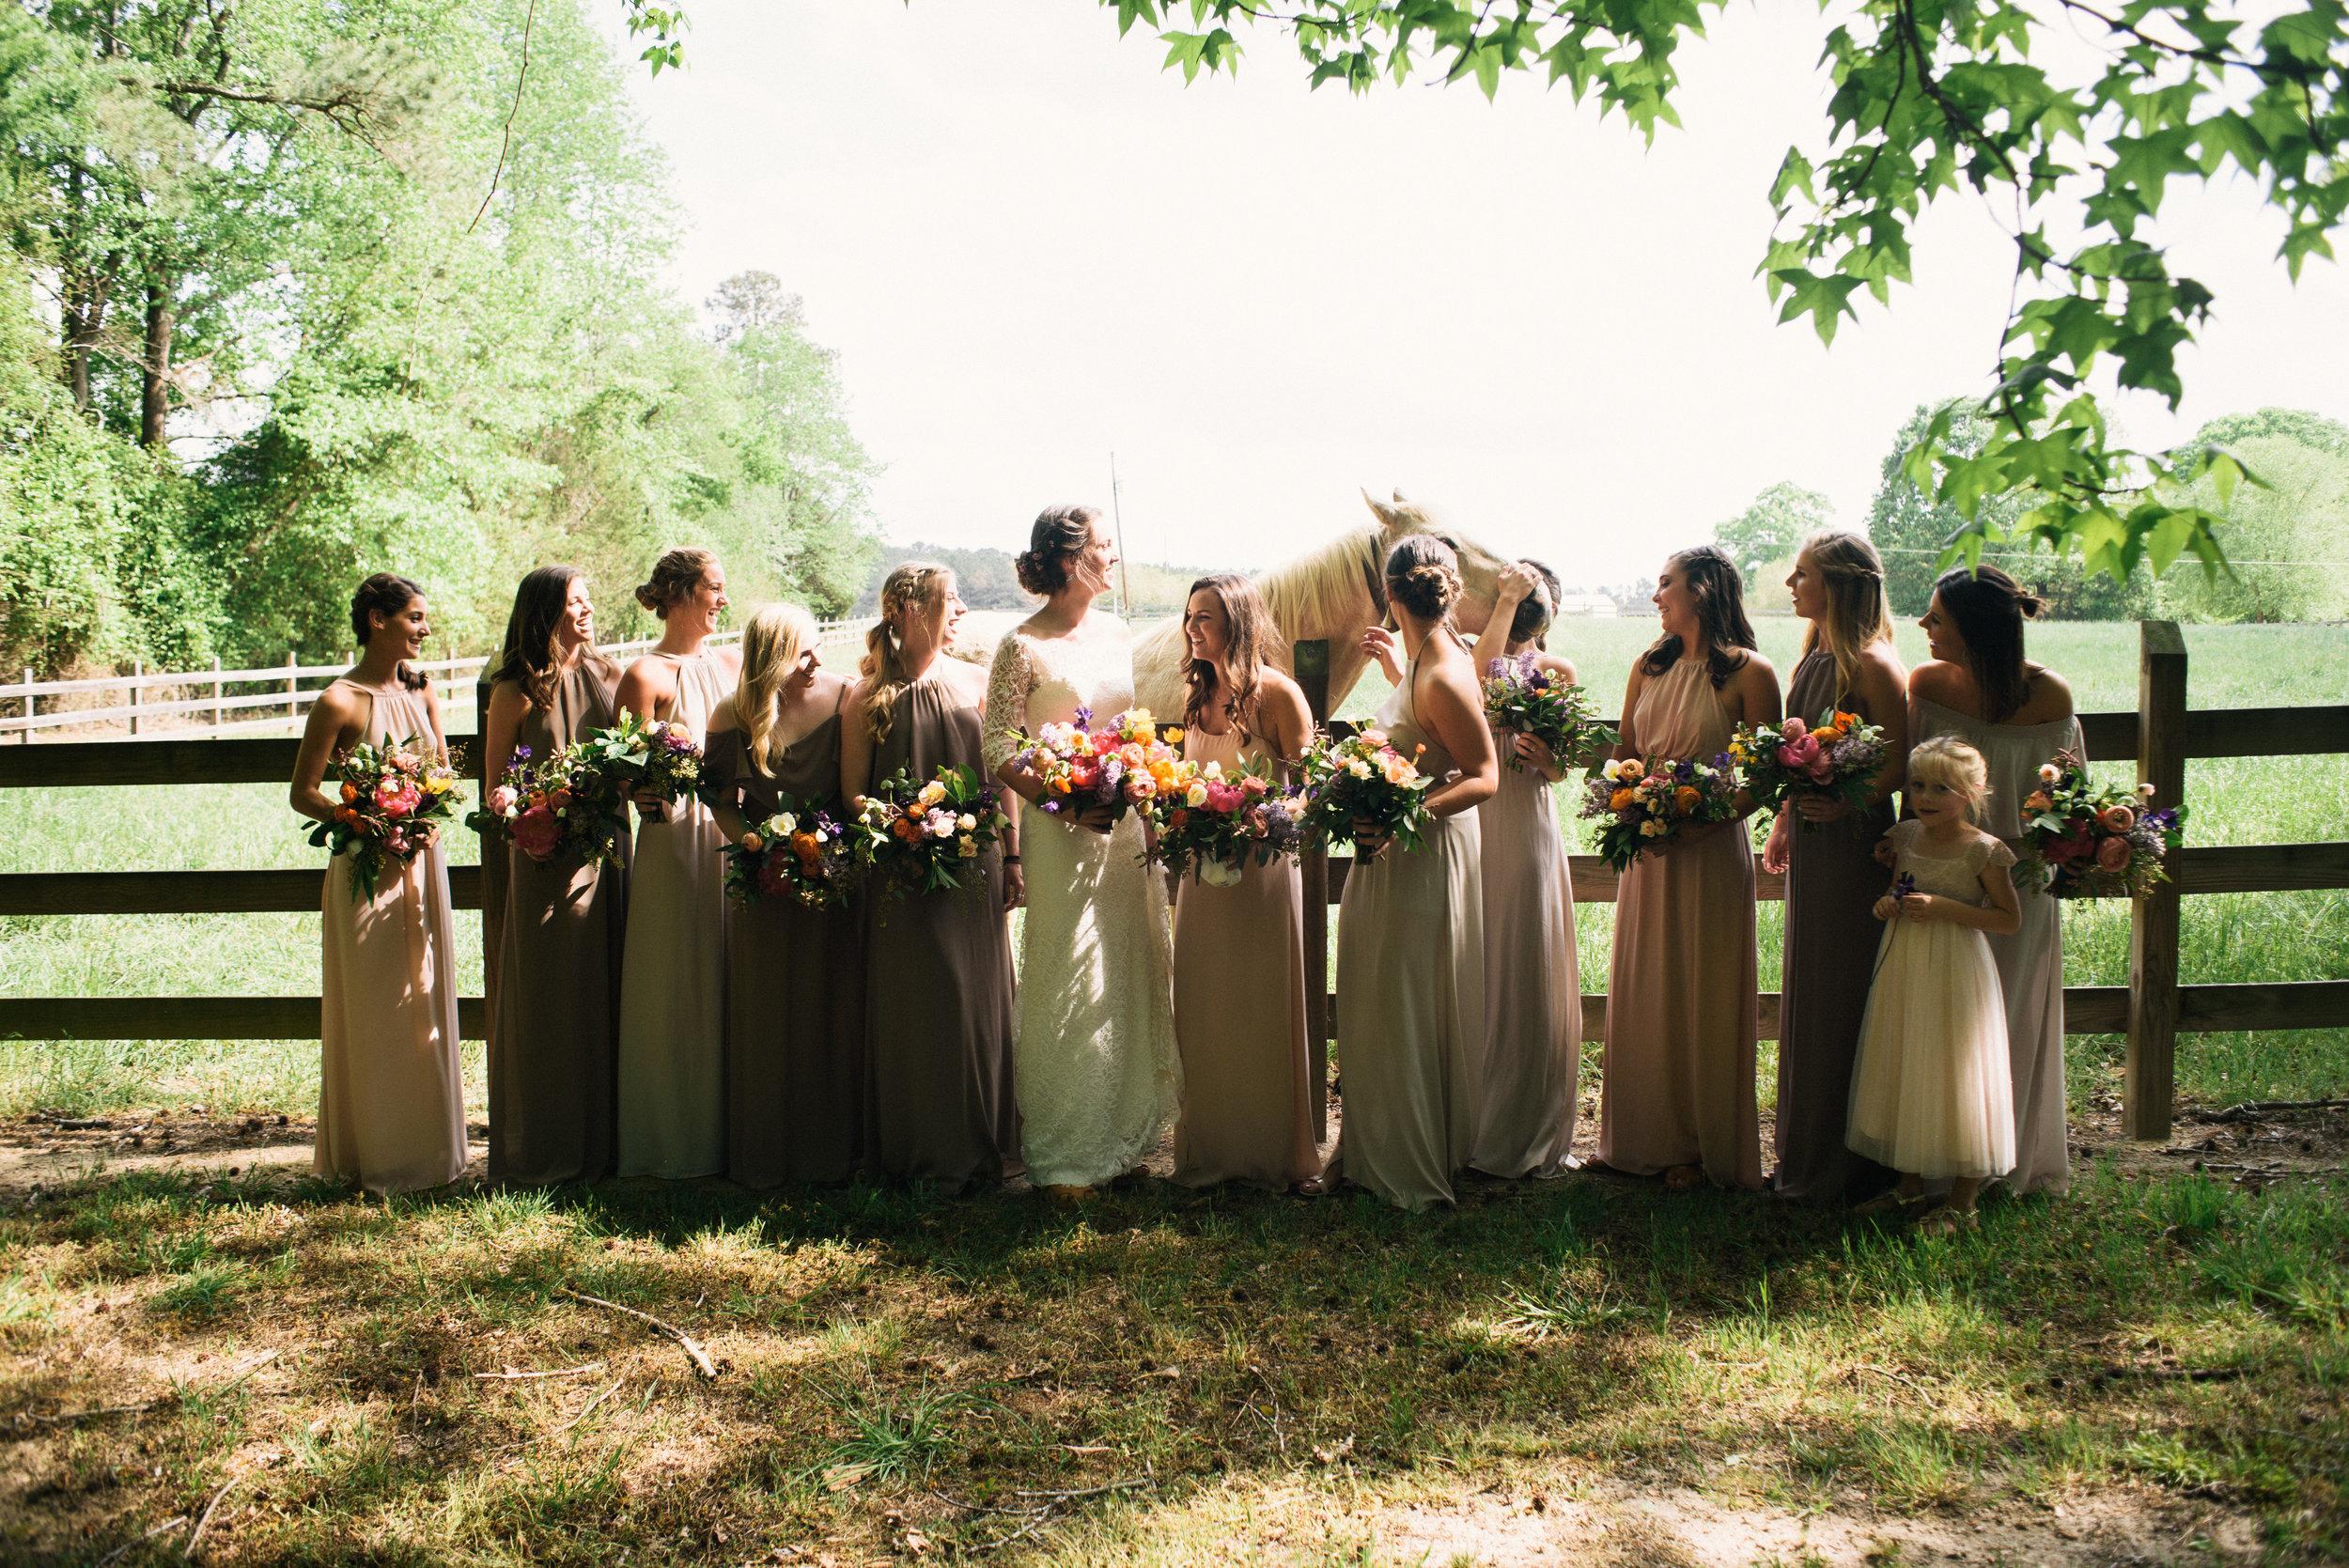 raleigh-elopement-photographer-raleigh-durham-wedding-maddie-and-devin- (52 of 162).jpg